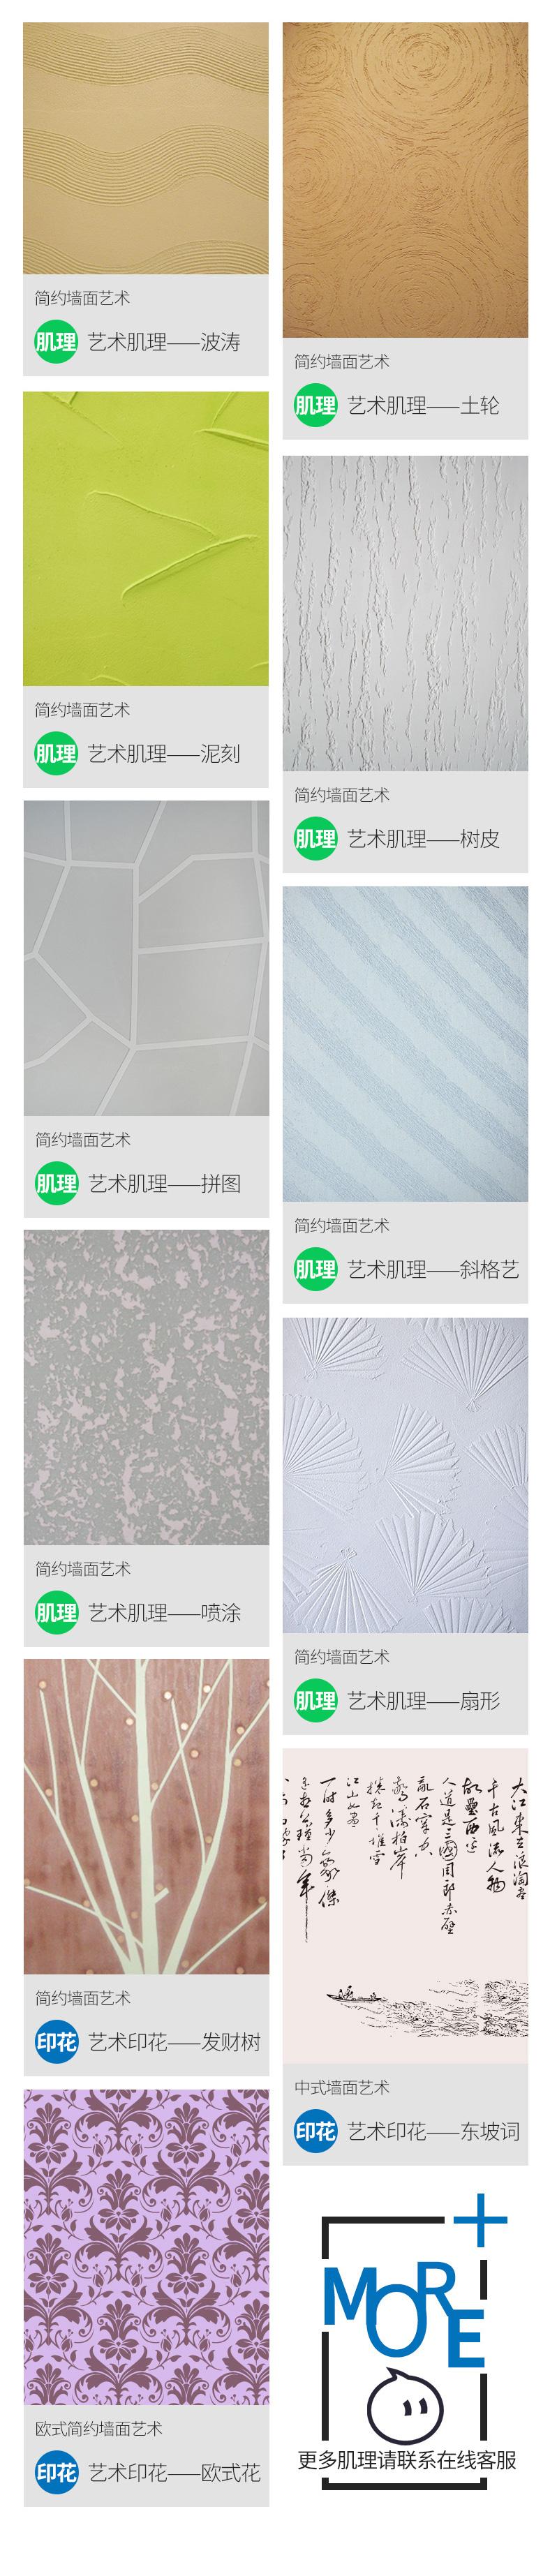 蓝天豚-干粉硅藻泥细沙6#料_05.jpg